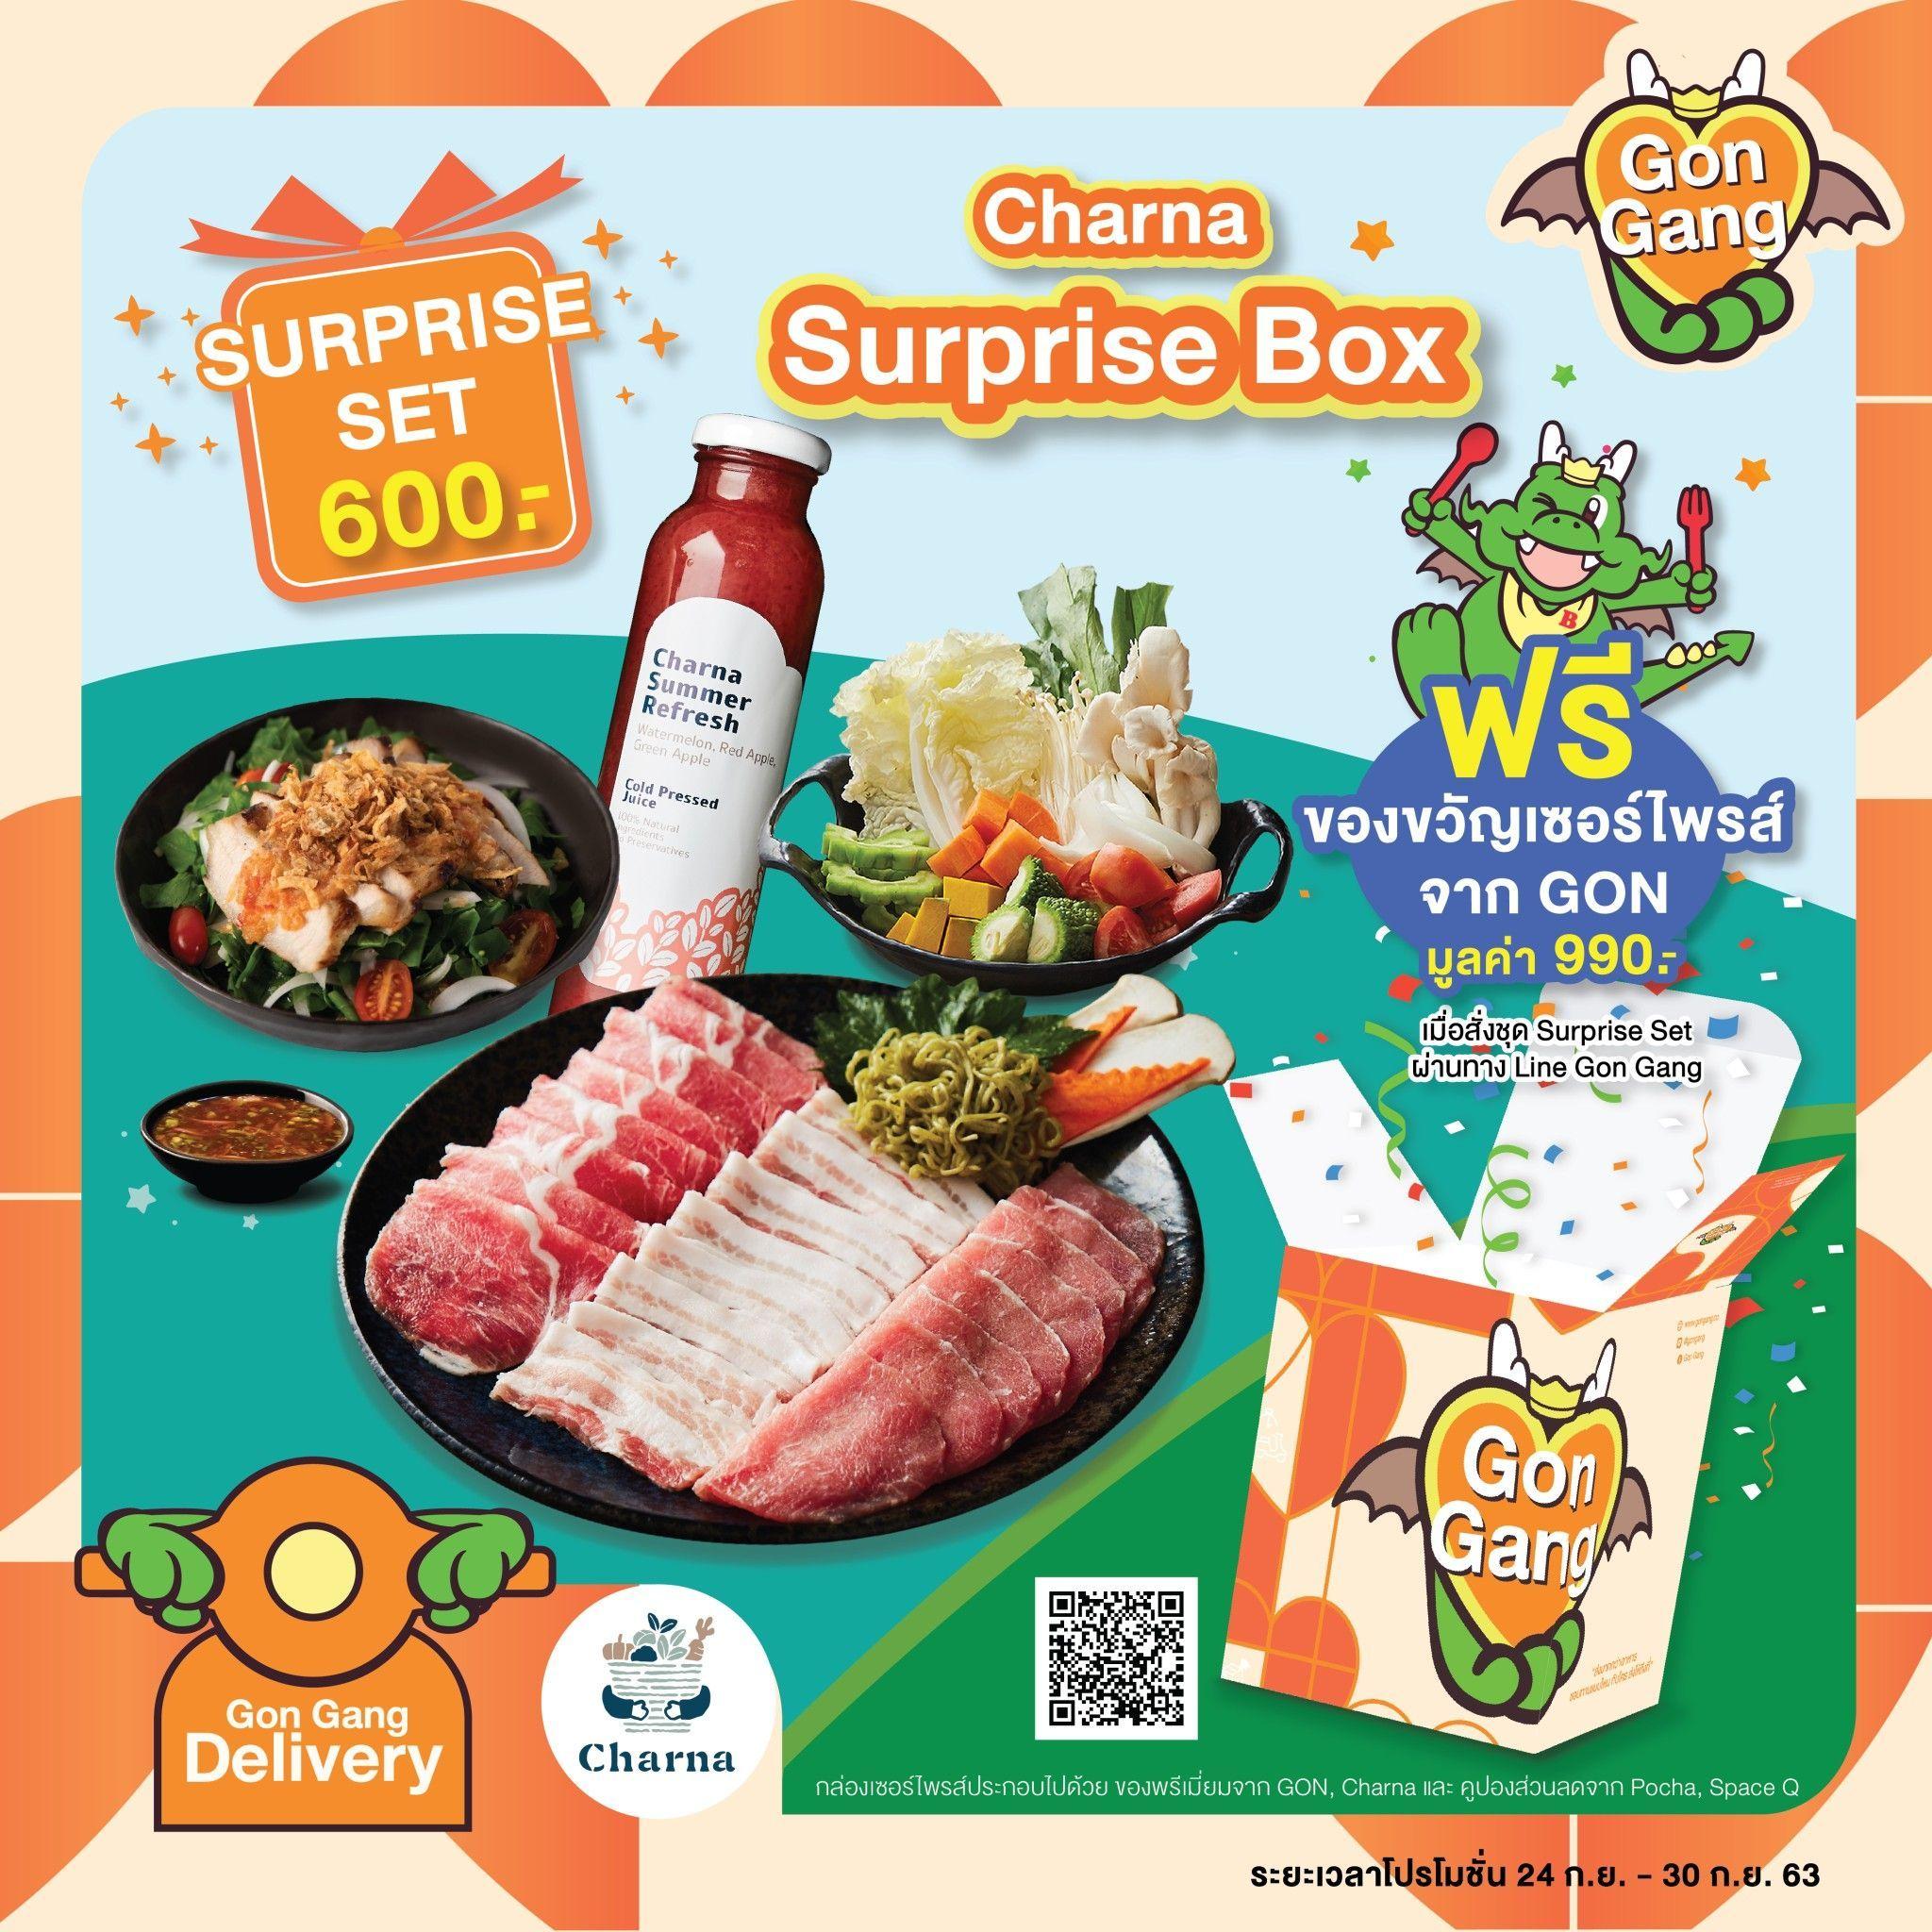 GON Gang ยกทัพ 4 แบรนด์ดัง จัดเซอร์ไพรส์สุดพิเศษ รับฟรี! Surprise Box ส่งตรงถึงหน้าบ้าน เพียงสั่งชุดอาหาร Surprise ผ่าน GON Gang Delivery สำนักพิมพ์แม่บ้าน